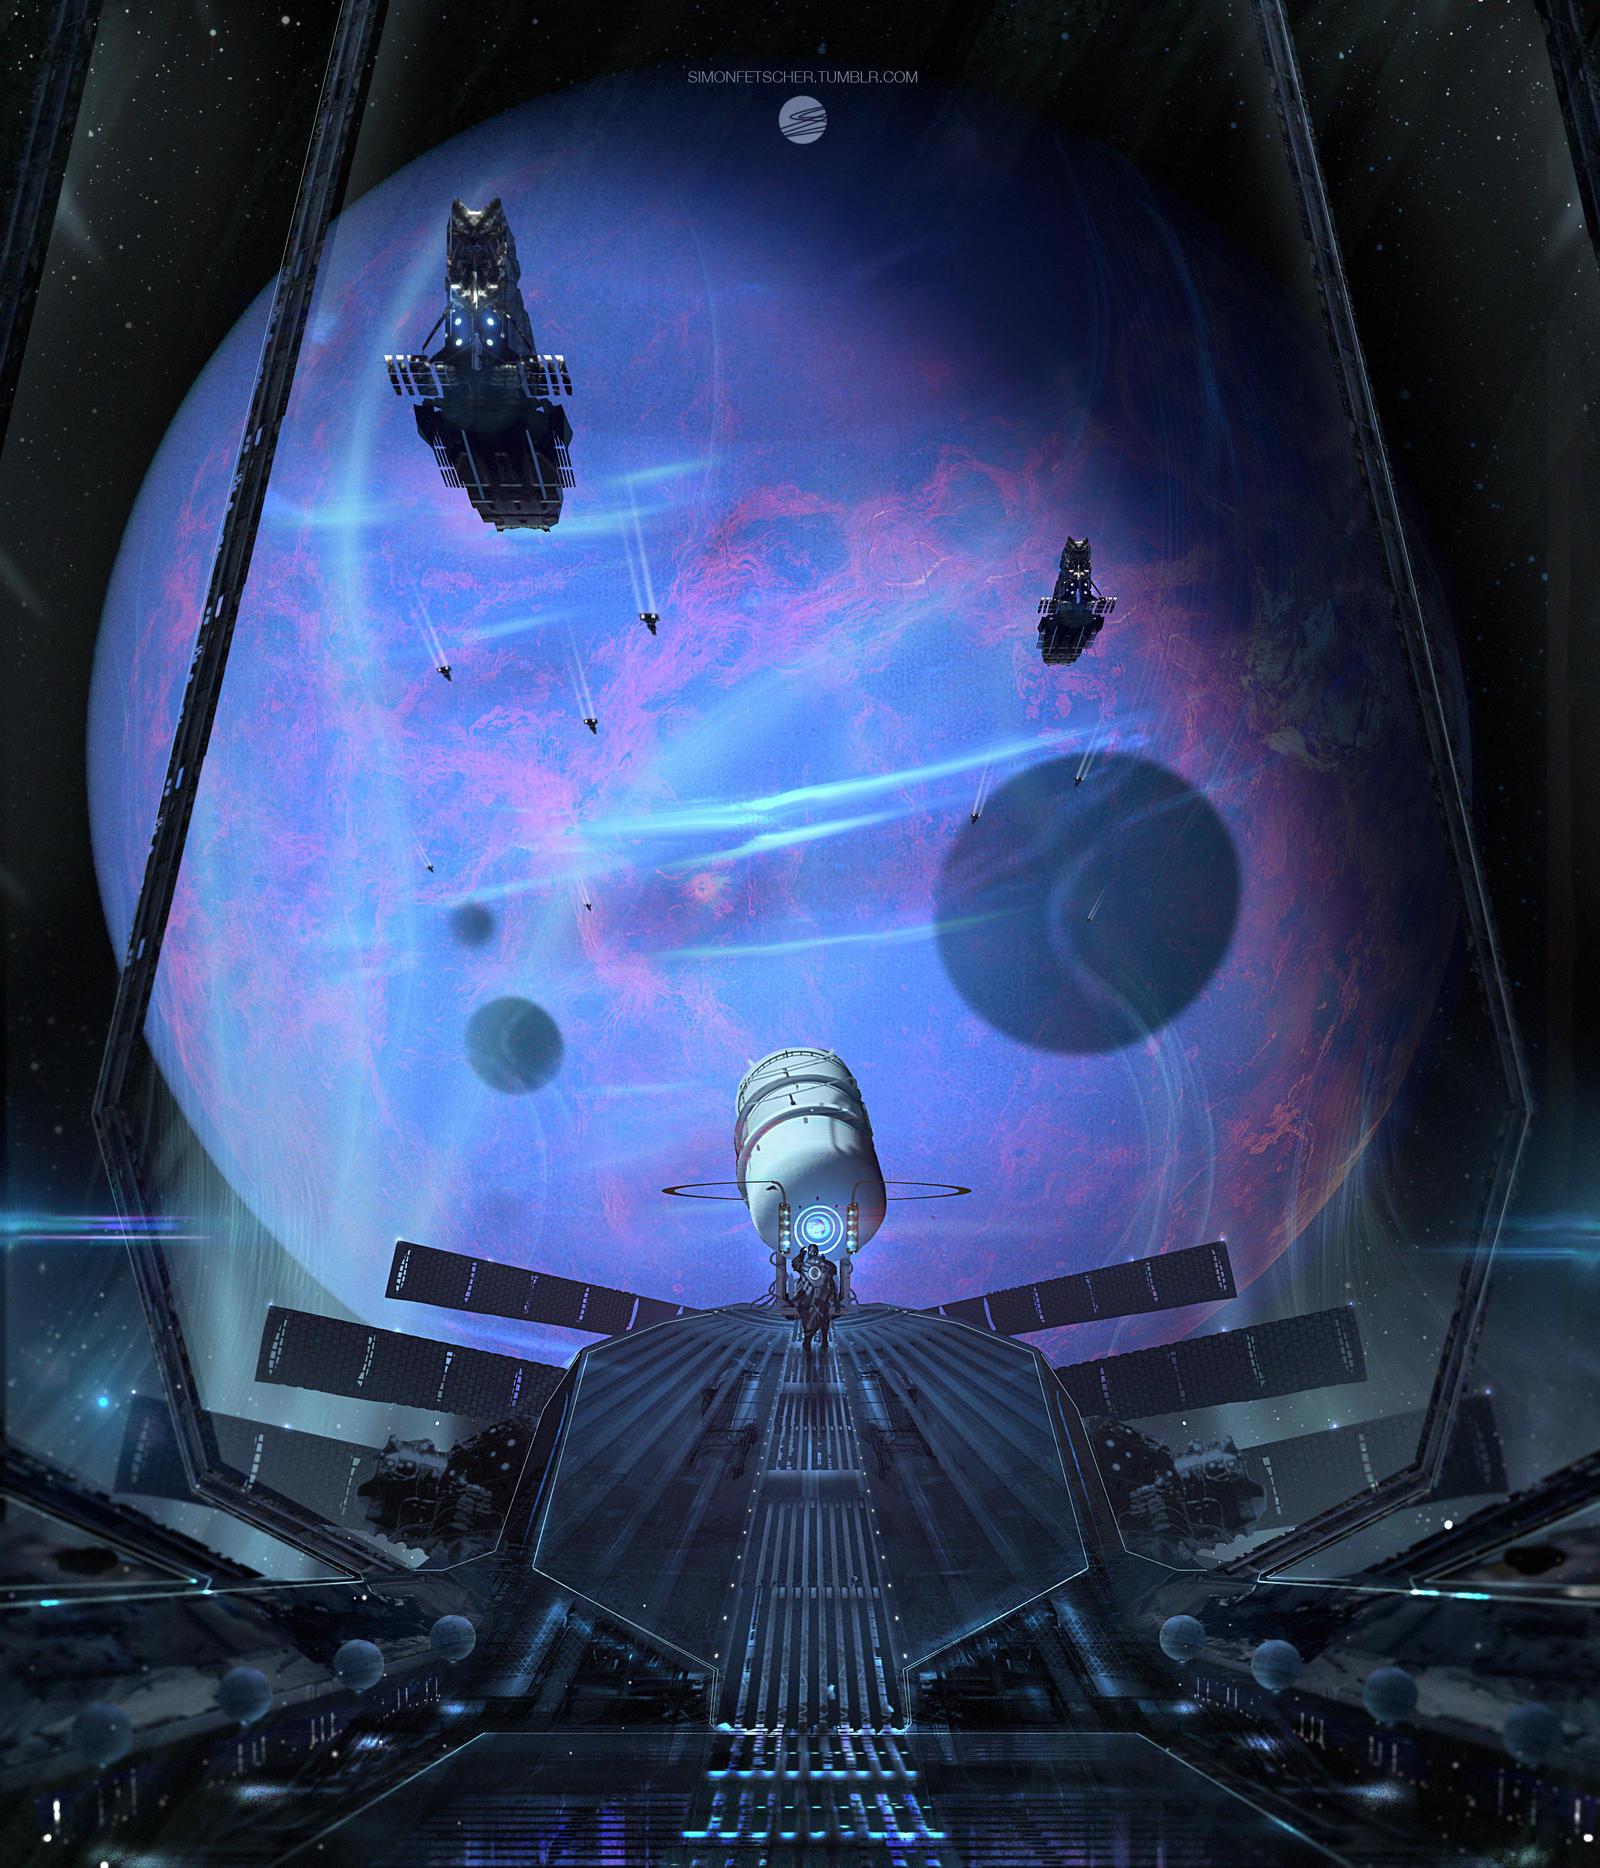 Observation deck by simonfetscher